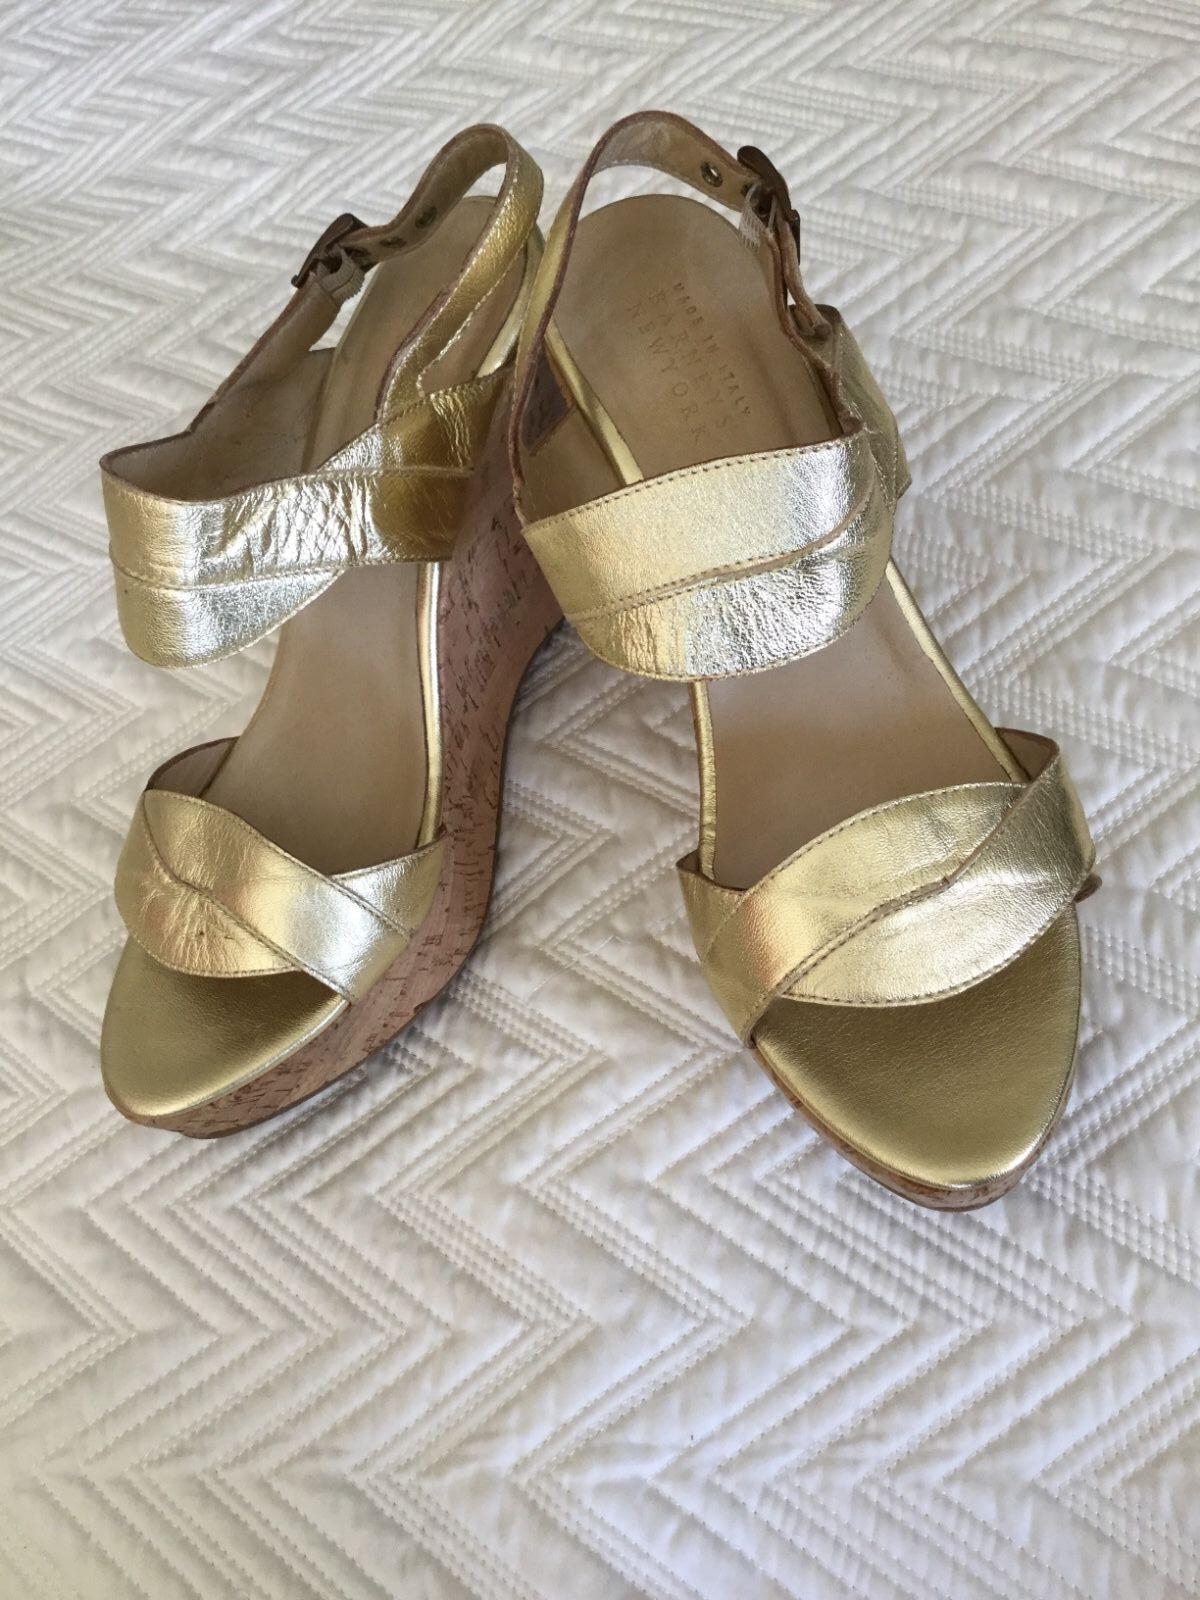 Woman's Barneys New York Granegro Granegro Granegro de oro Sandalias De Plataforma 40 10 Tacones Zapatos  tienda de venta en línea